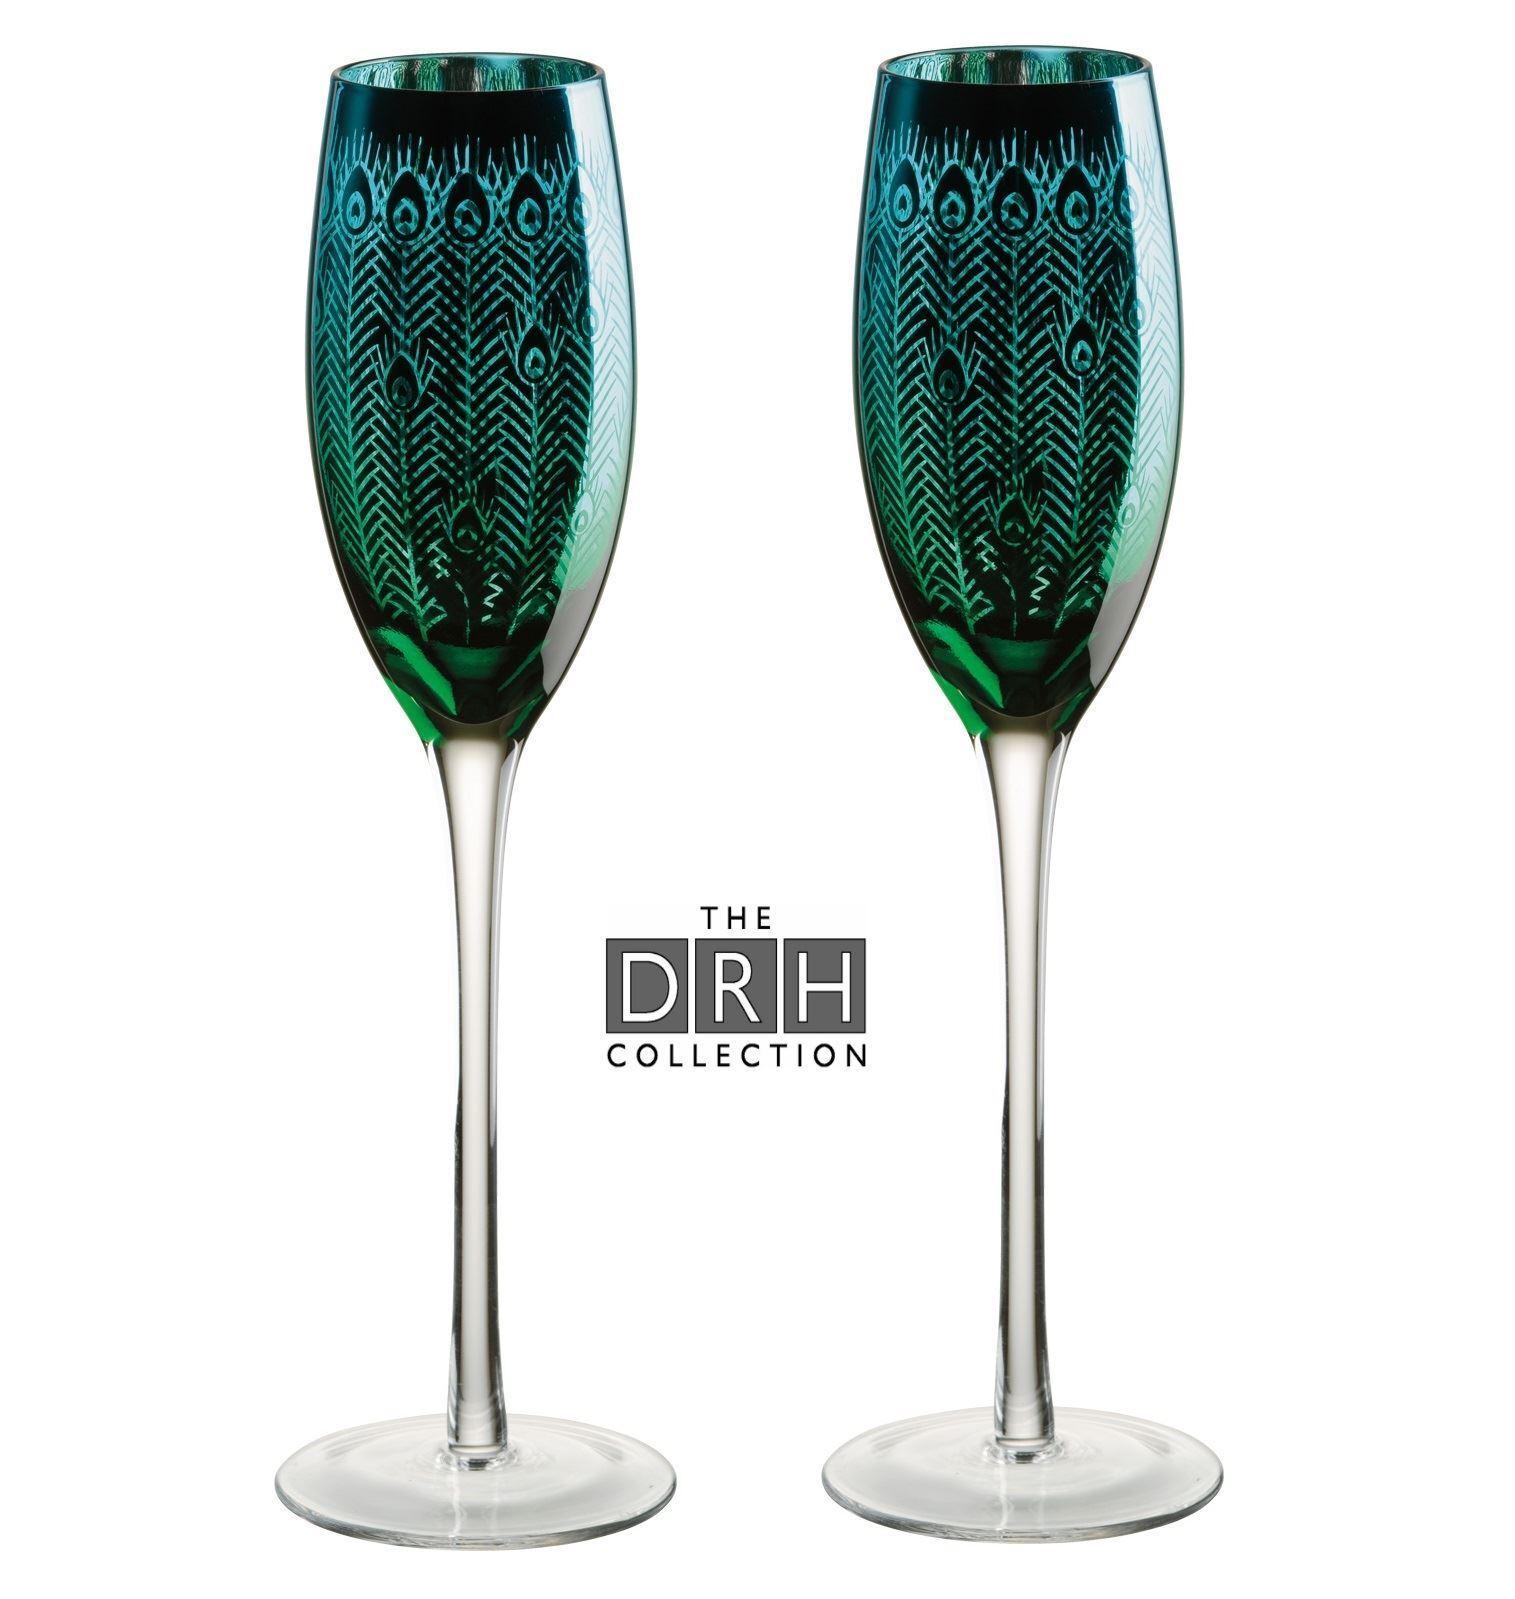 Drh Artland Cristal Pavo Real Copas de Champán Flauta Juego 2 - ART51184